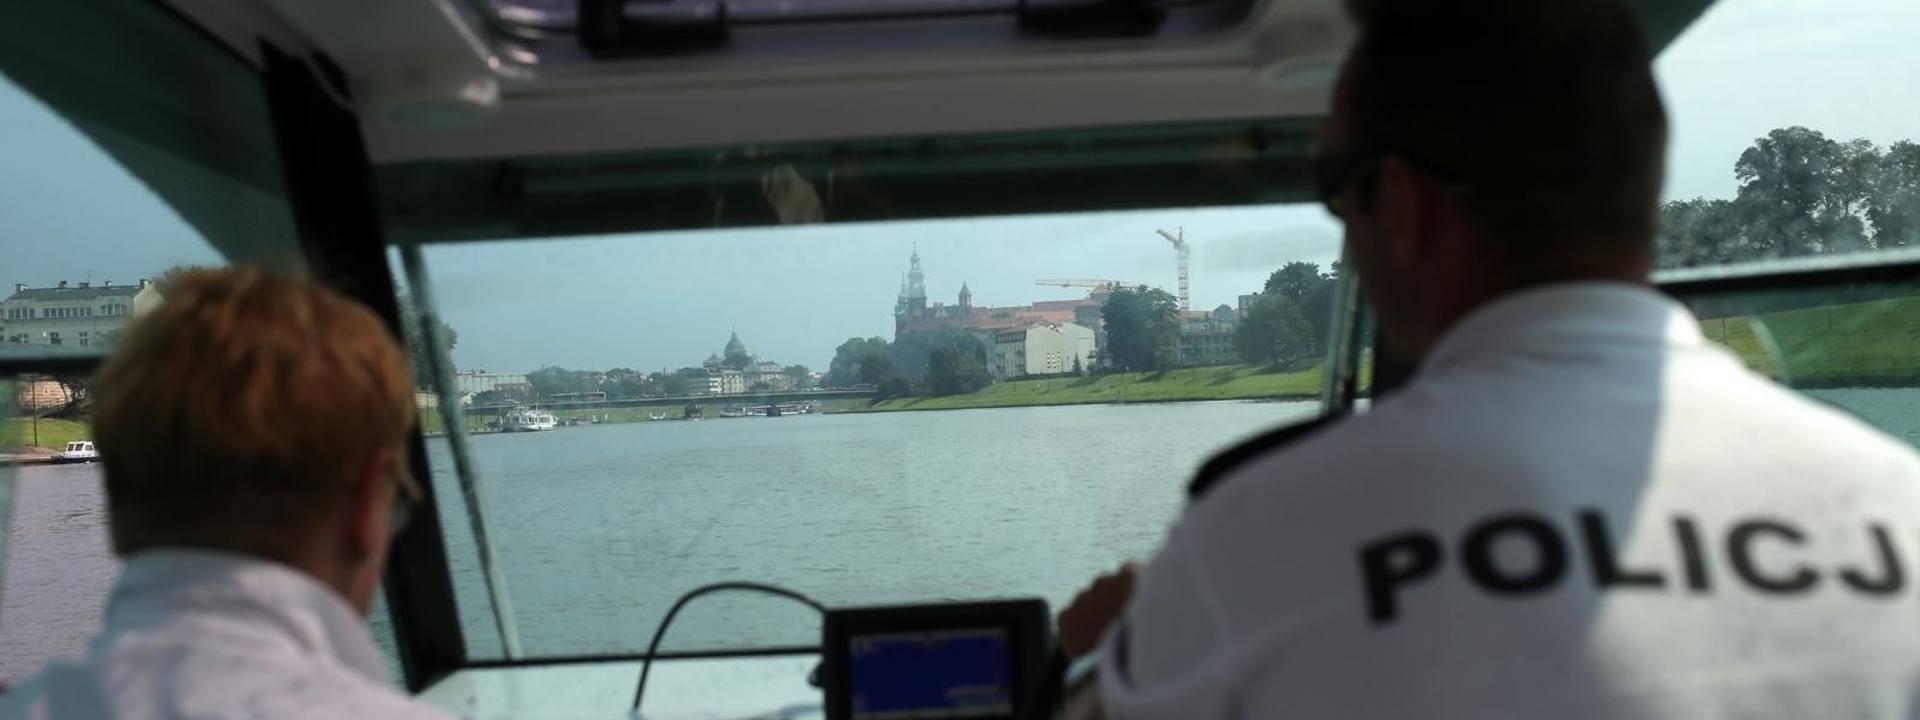 Kraków. Policjanci z Komisariatu Wodnego dbają o bezpieczeństwo na wodzie. Jak wygląda ich praca? [ZDJĘCIA]